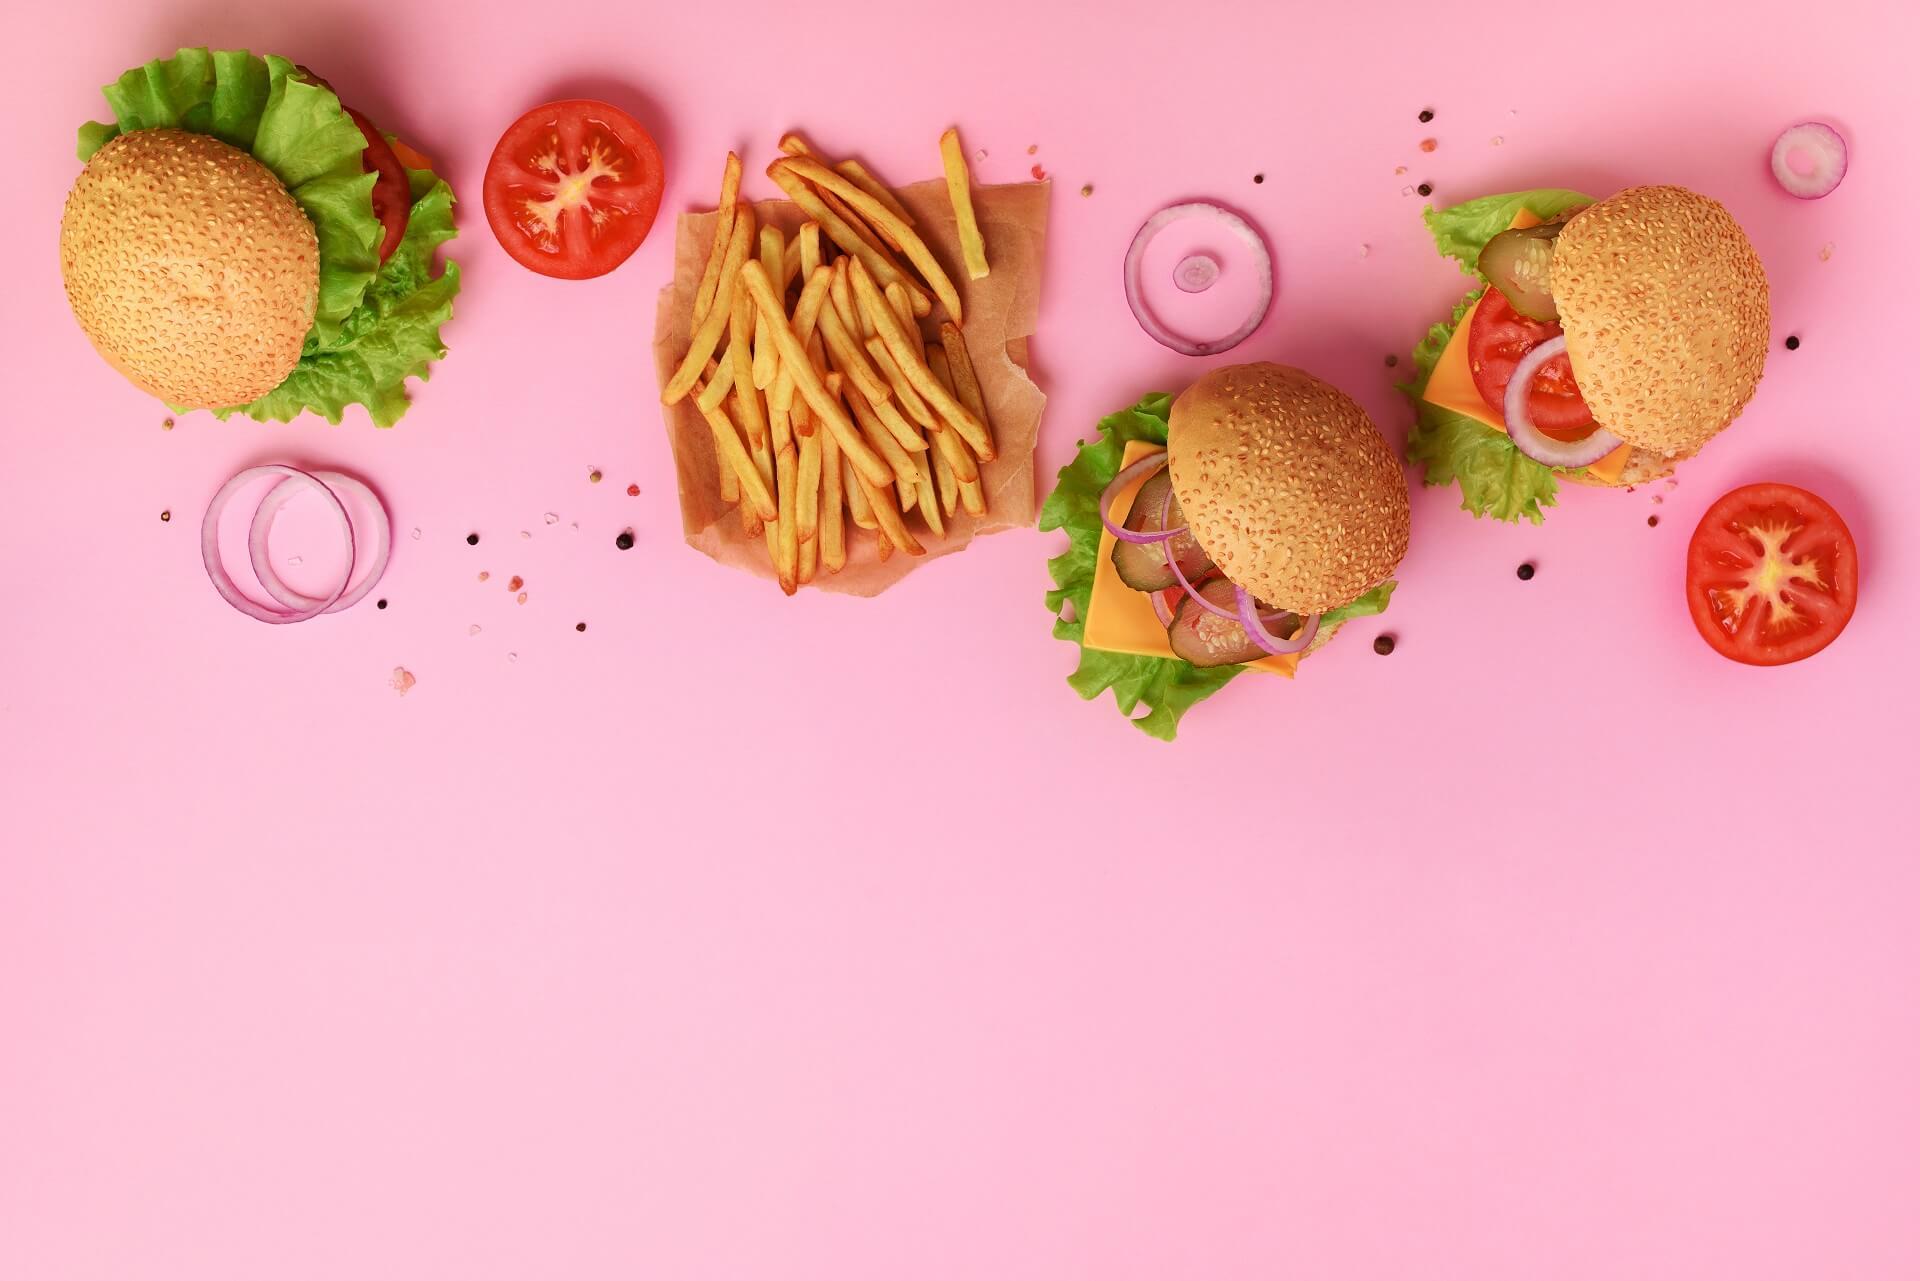 tasty burgers, fries, fresh veggies depicting fast food industry